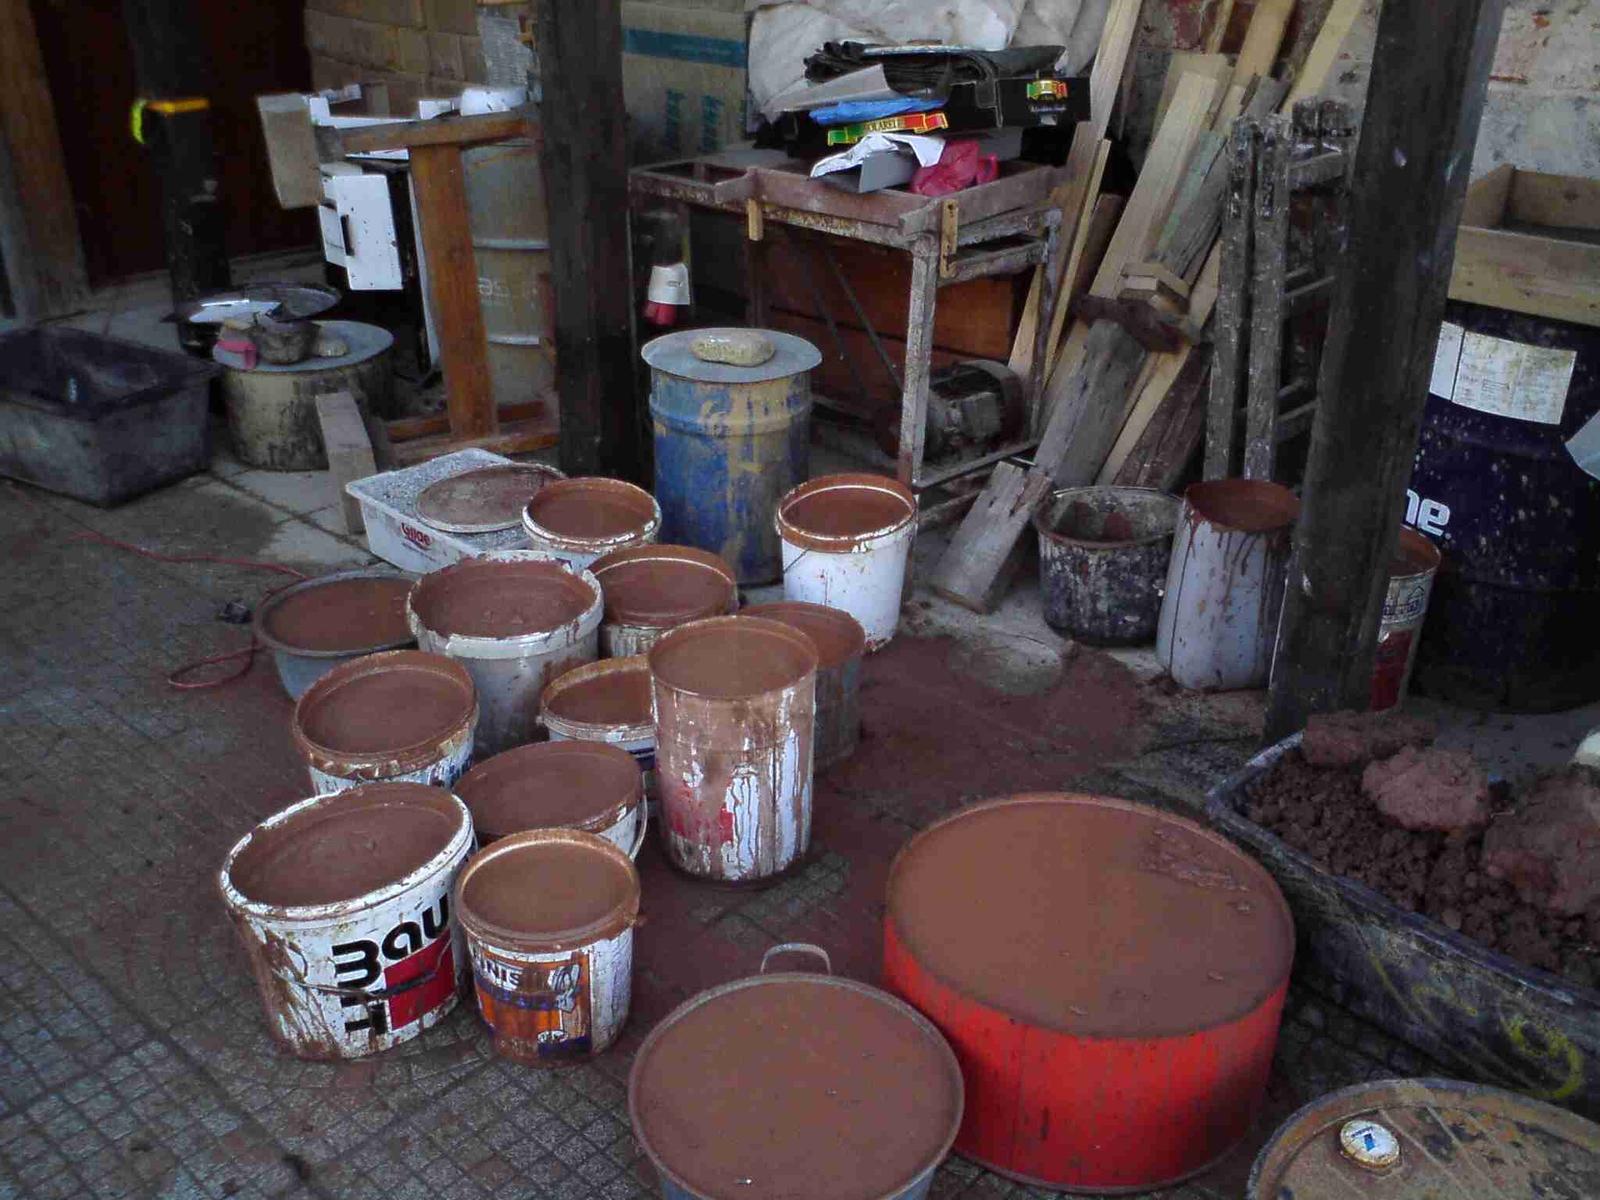 Hlinené omietky a podlahy svojpomocne. - Separovanie ílu na hrubé, jemné a veľmi jemné zrno, pre rôzne využitie.